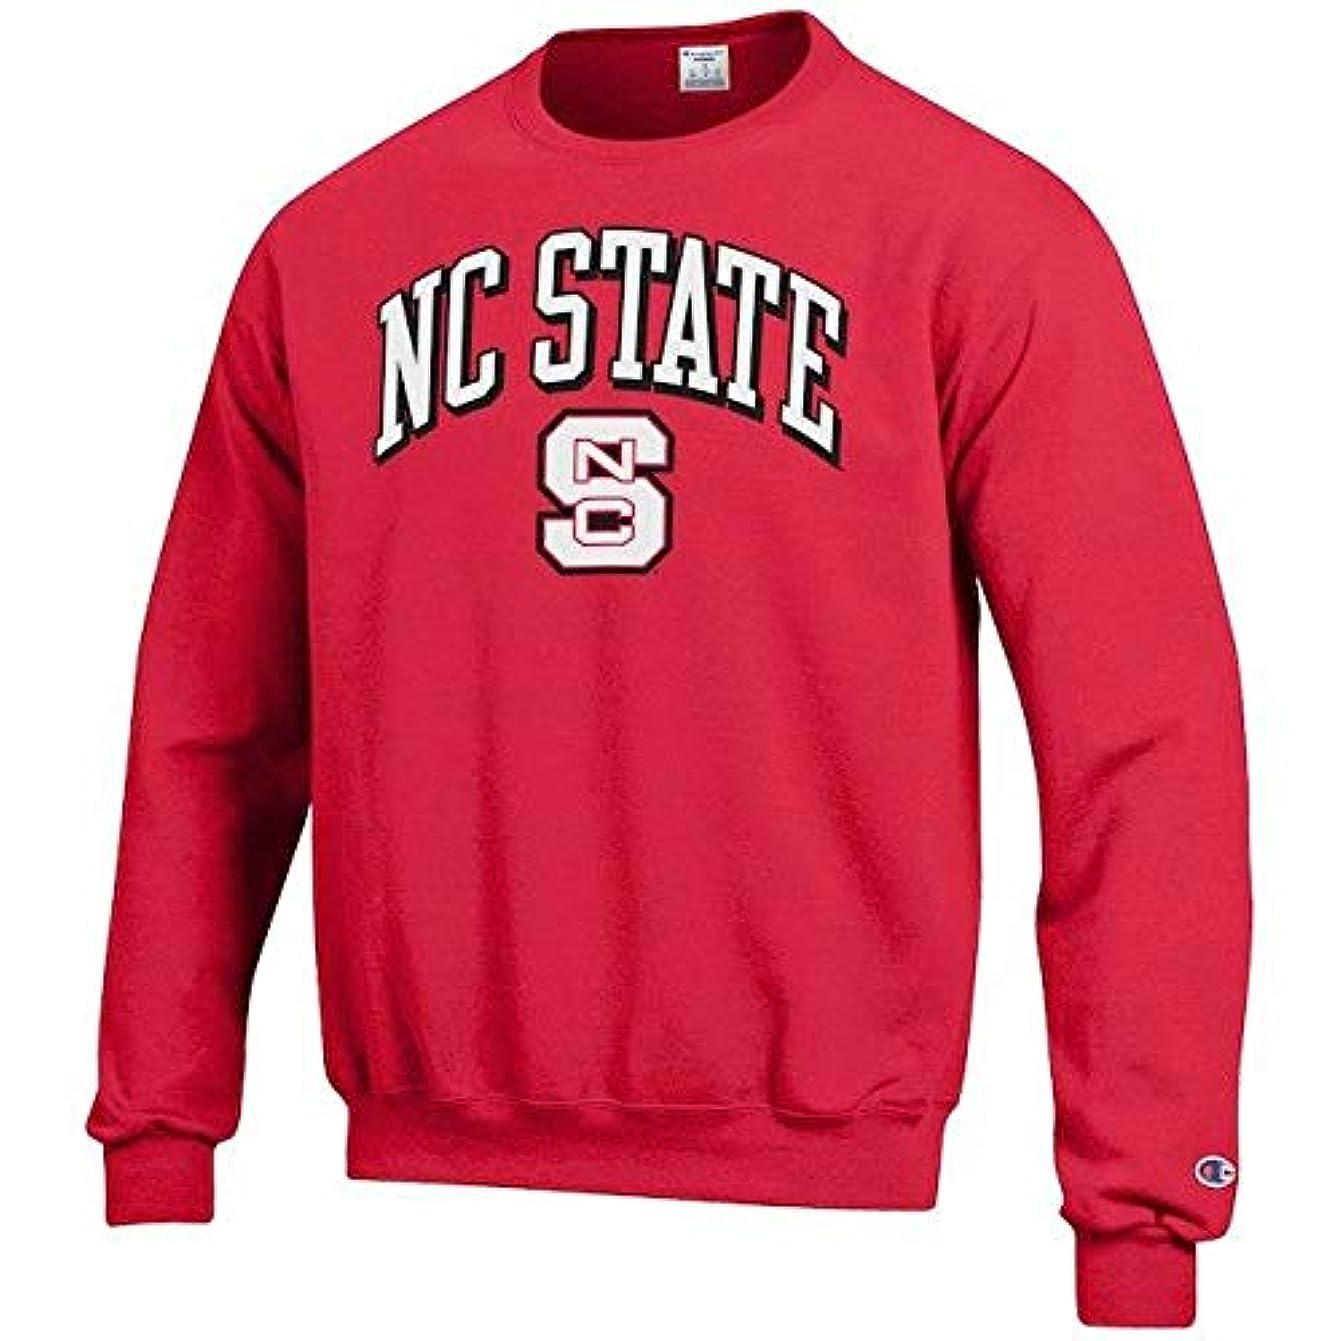 バンク支配する許すChampion Champion NC State Wolfpack Red Arch Over Logo Powerblend Pullover Sweatshirt スポーツ用品 【並行輸入品】